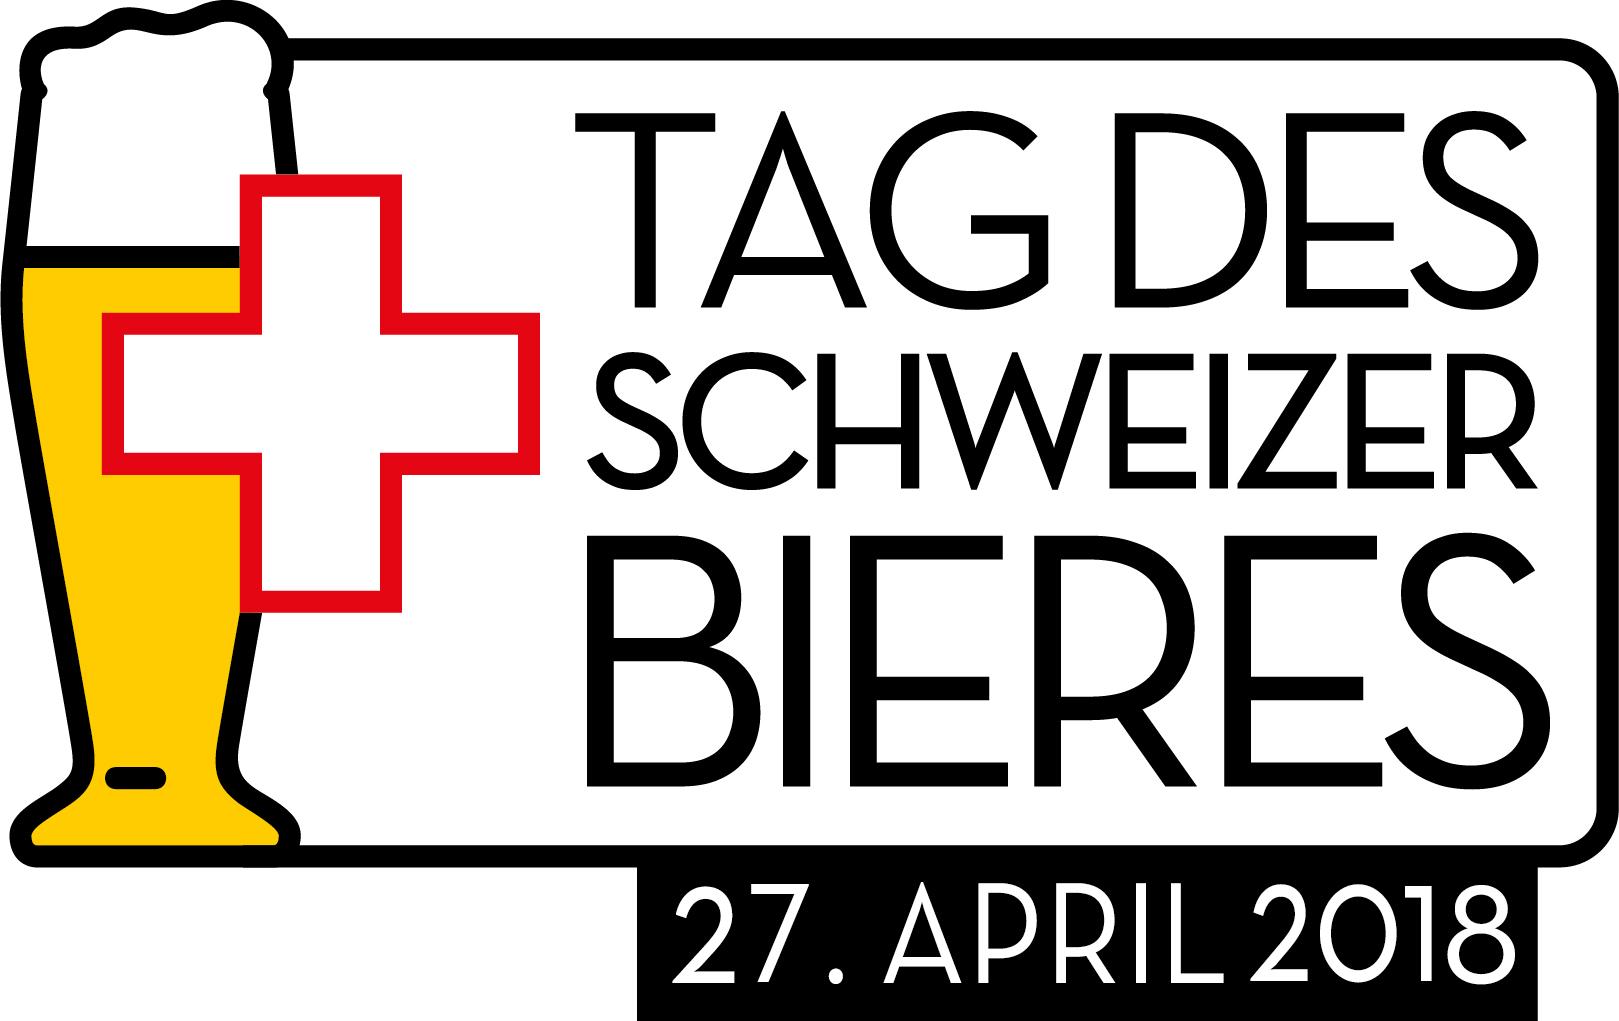 27. April, Tag des Schweizer Bieres! - Feierabendbier in der Brauerei